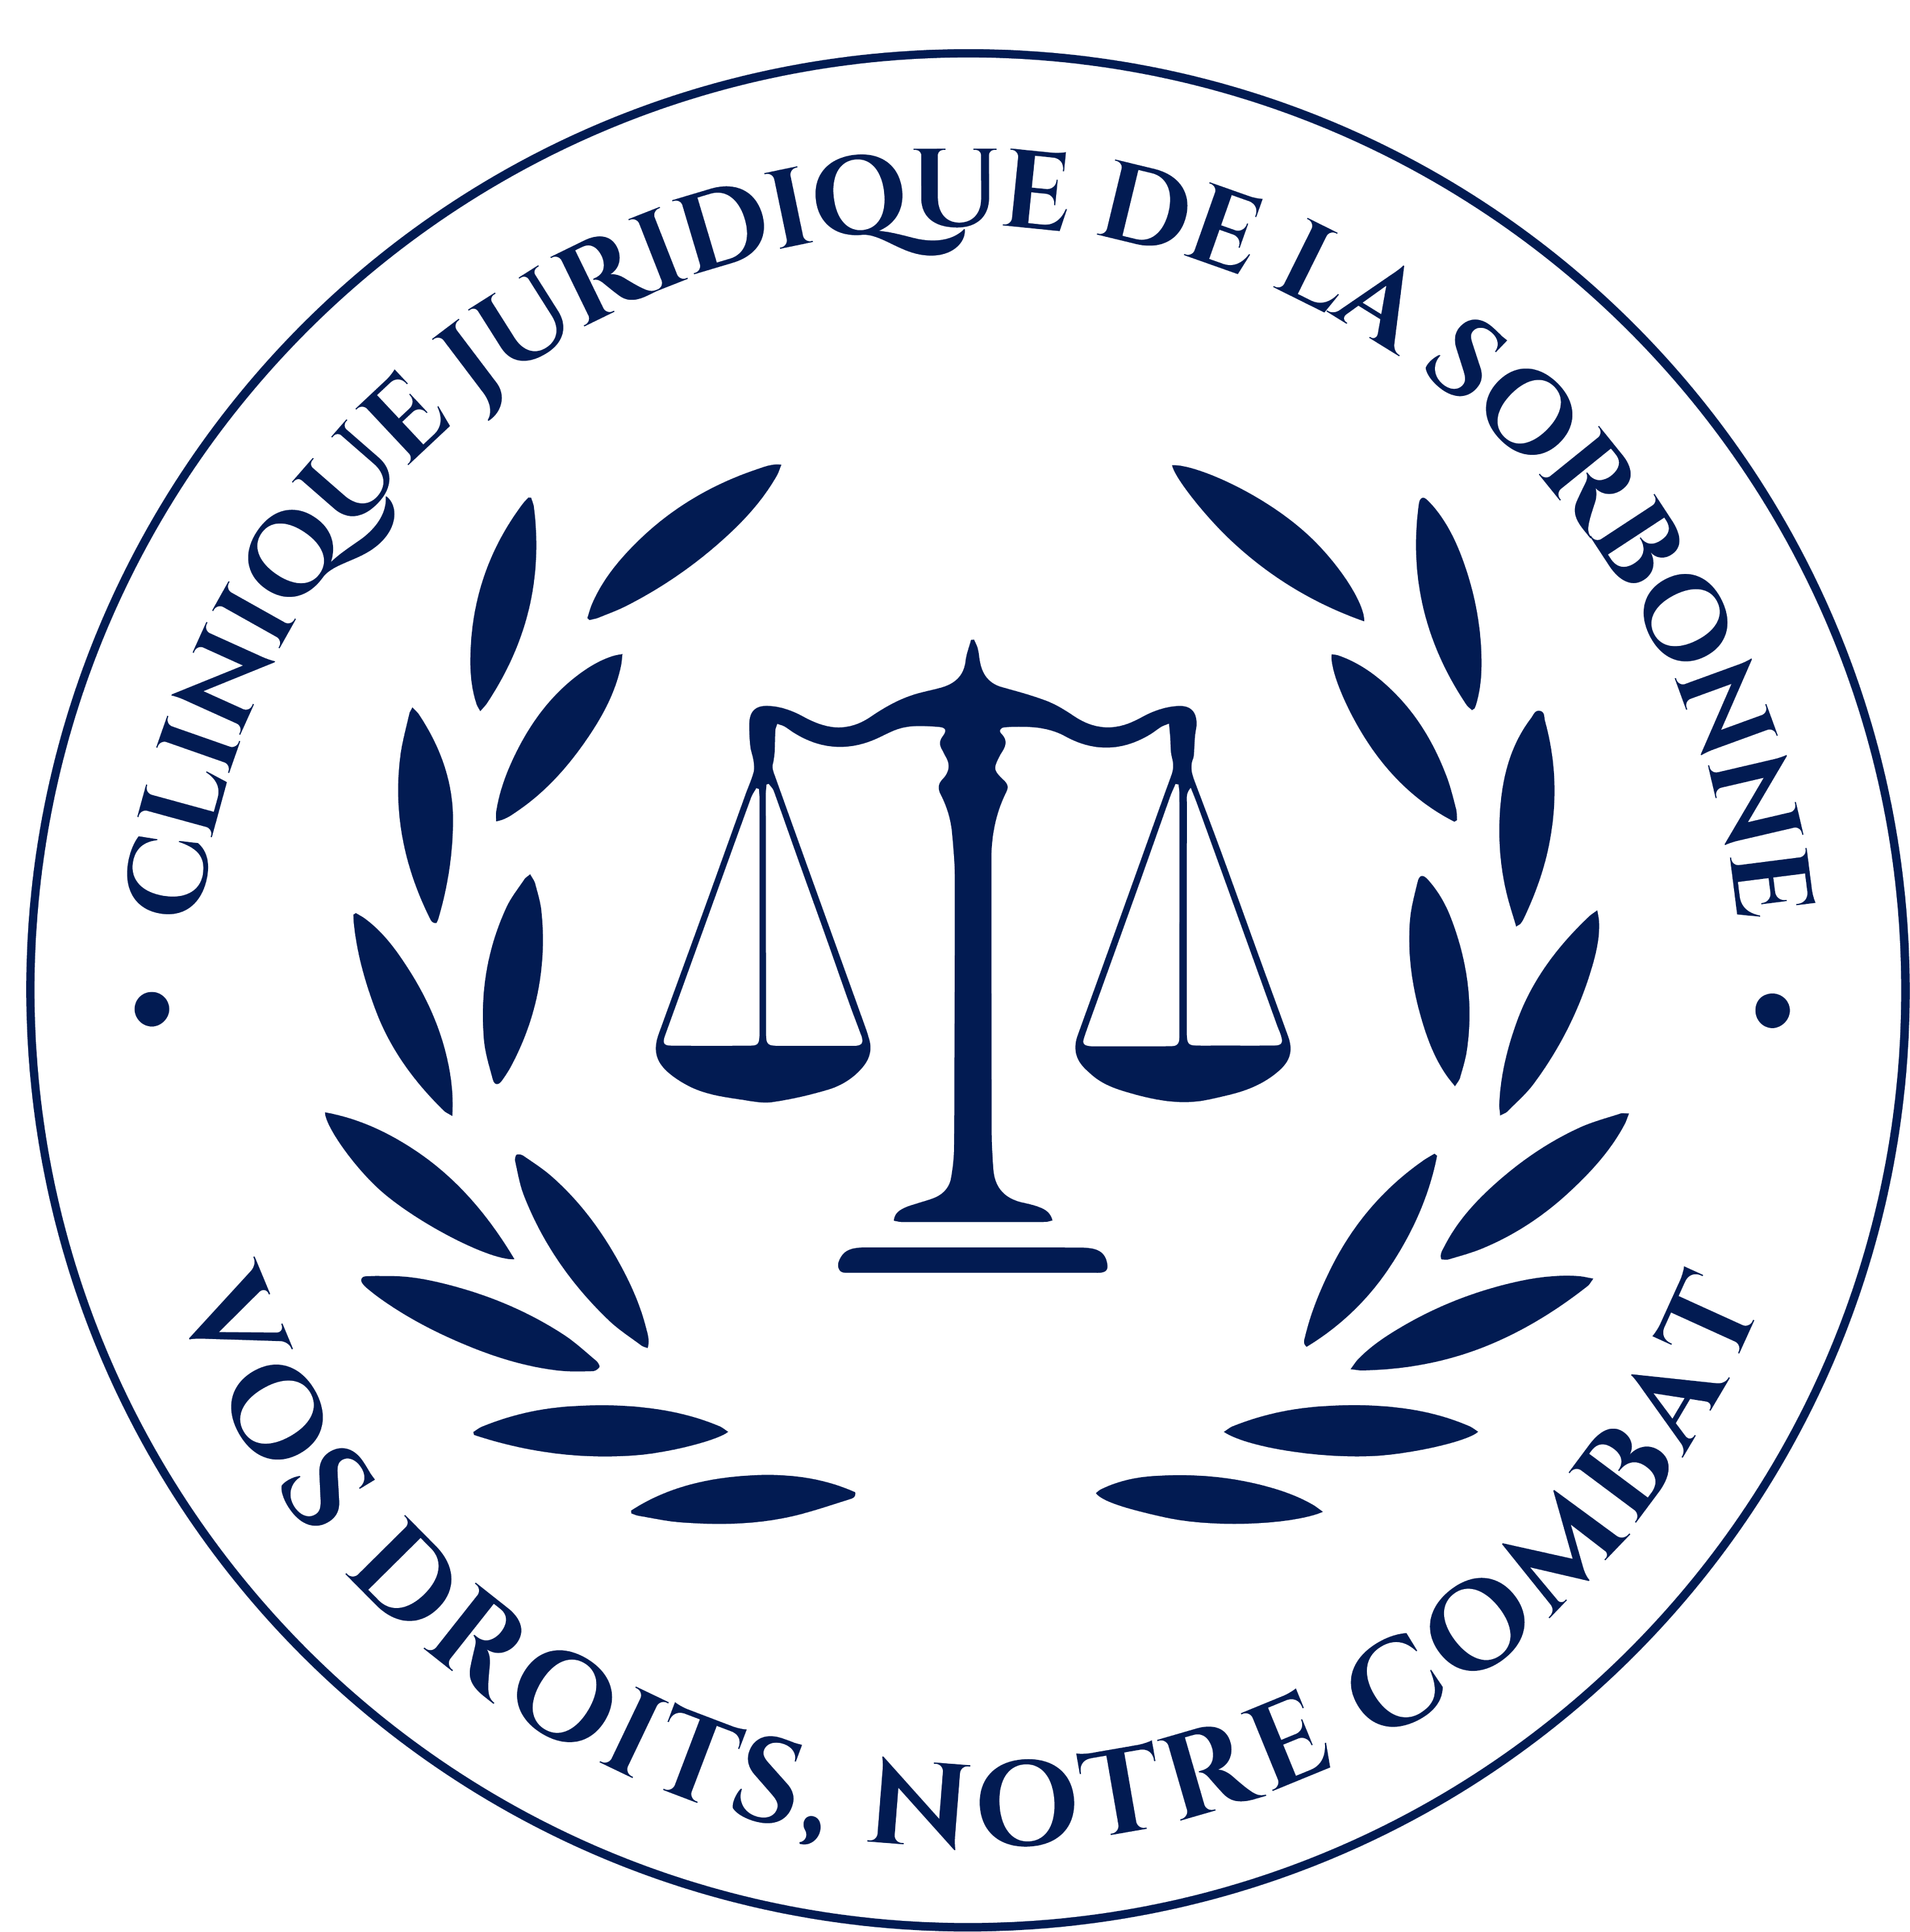 Clinique Juridique de la Sorbonne (CJS)